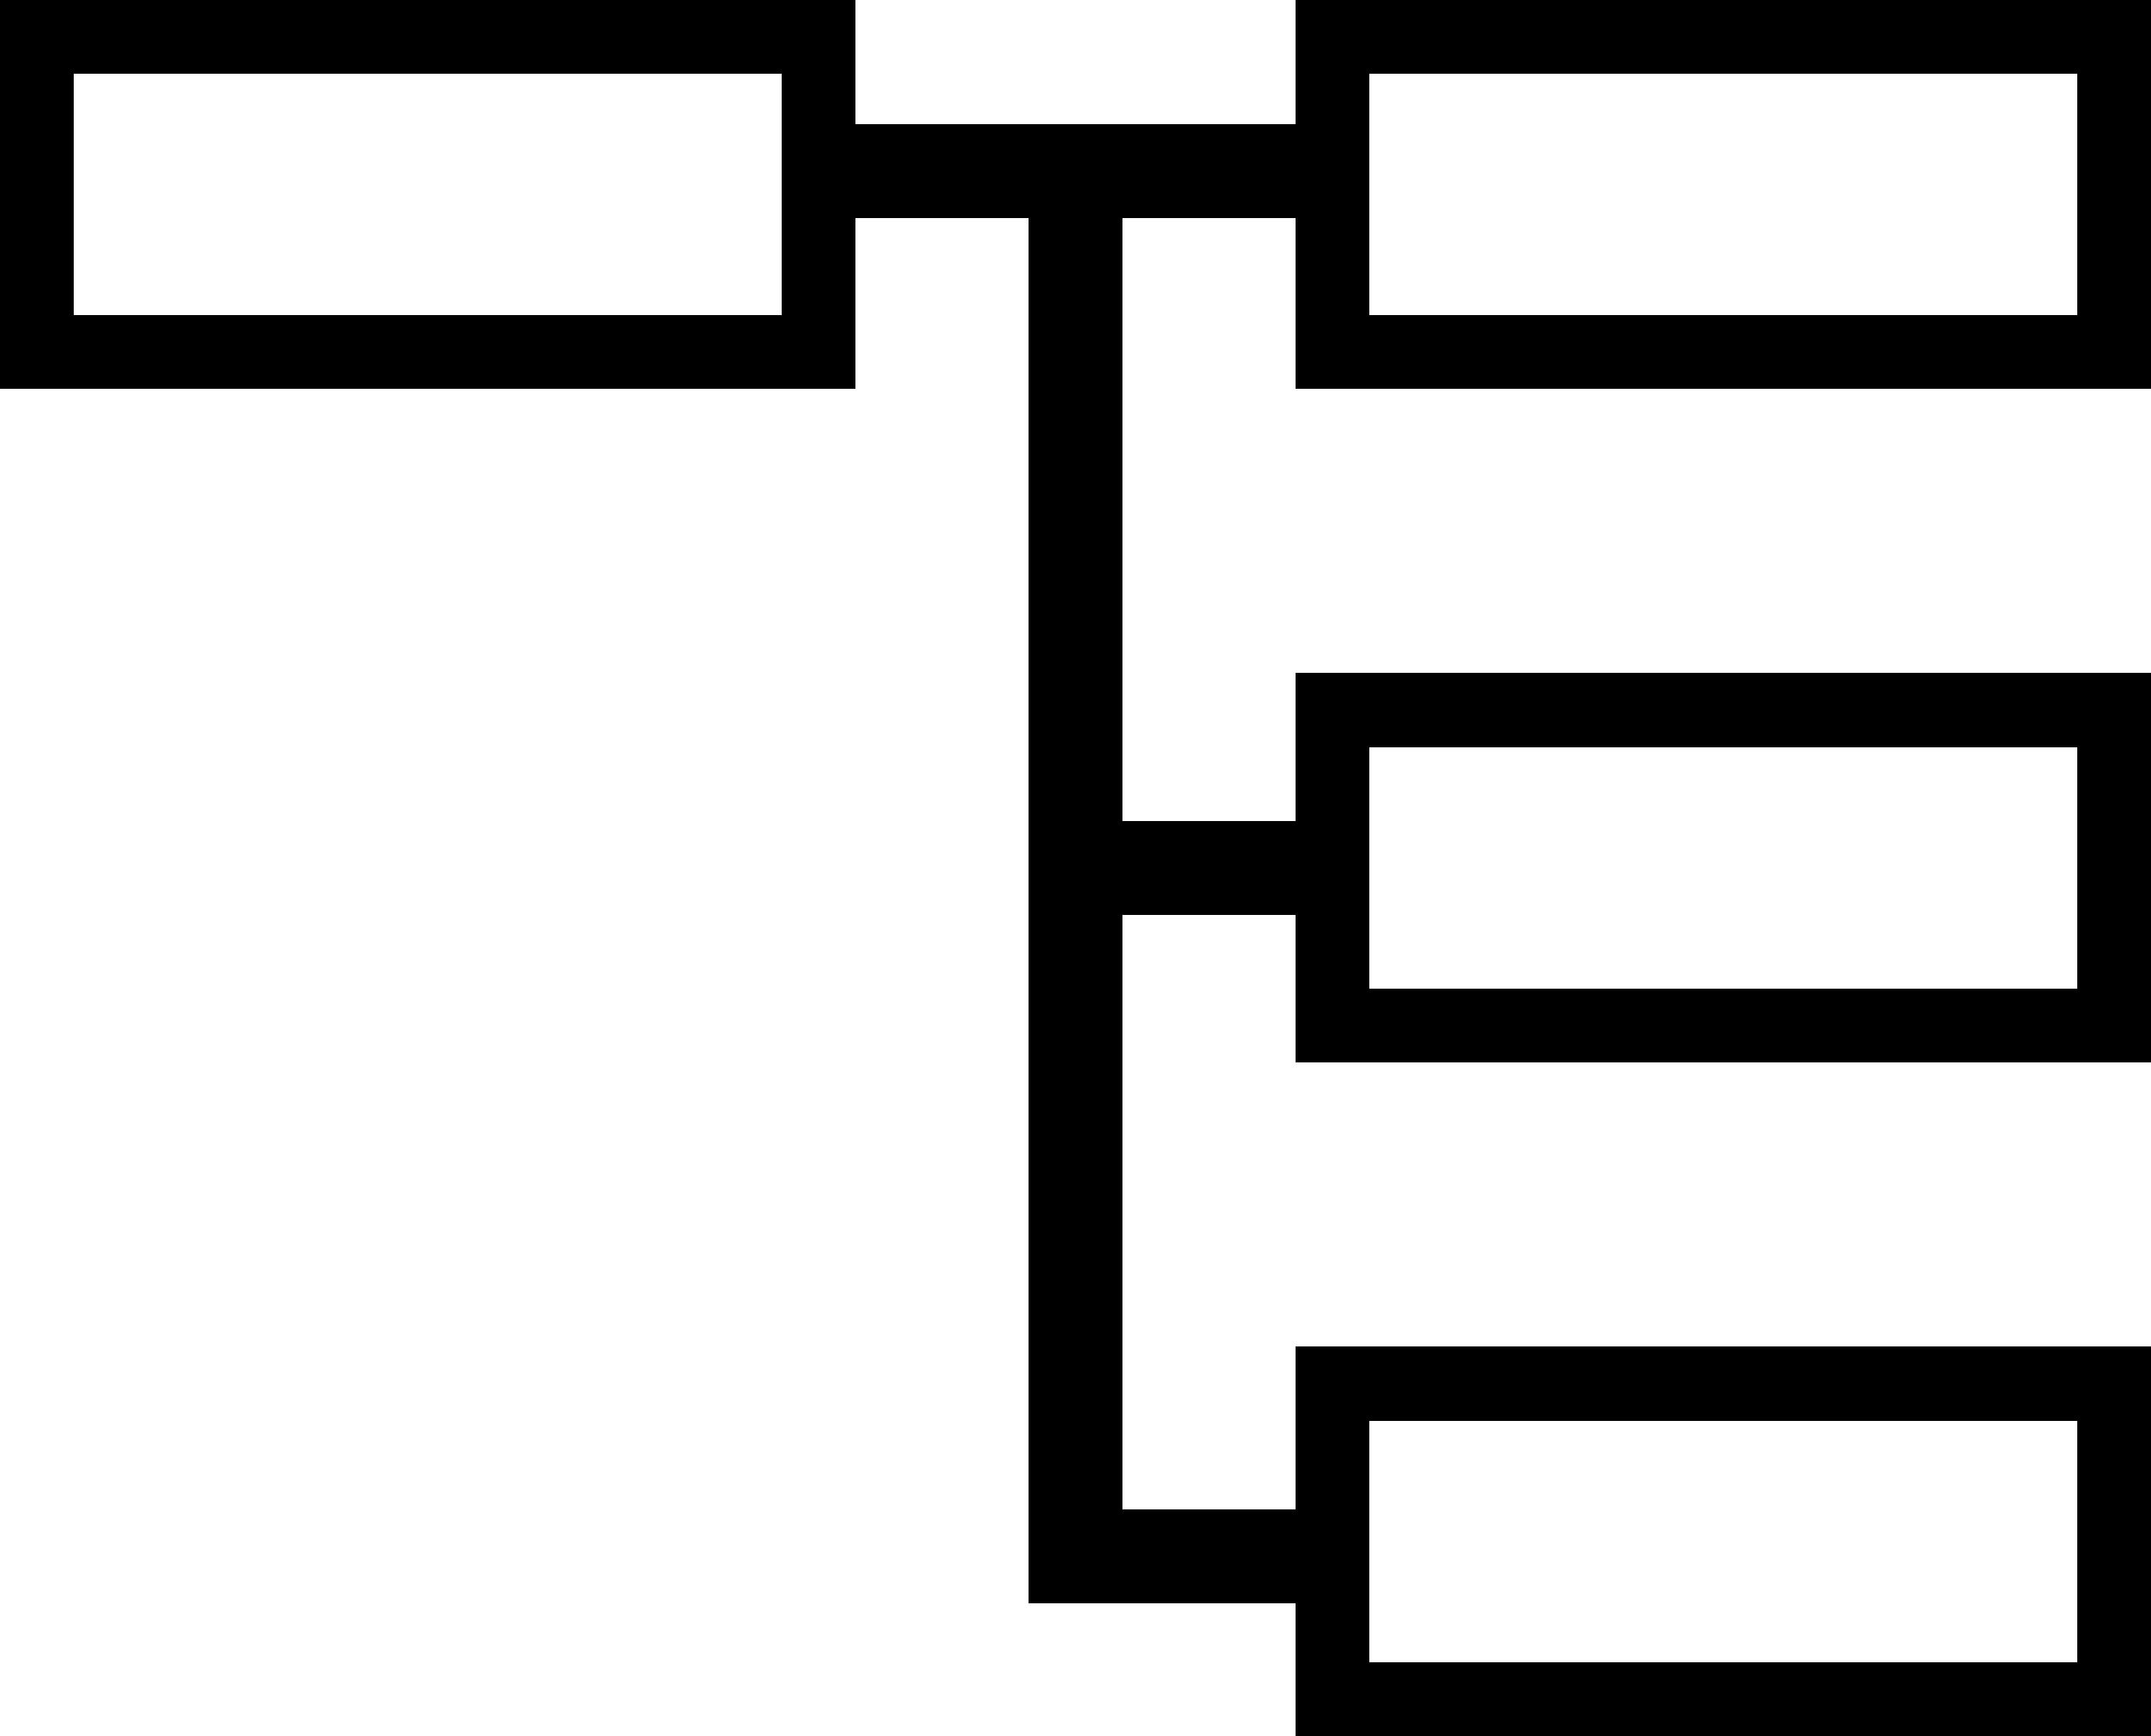 サイト設計図、階層図